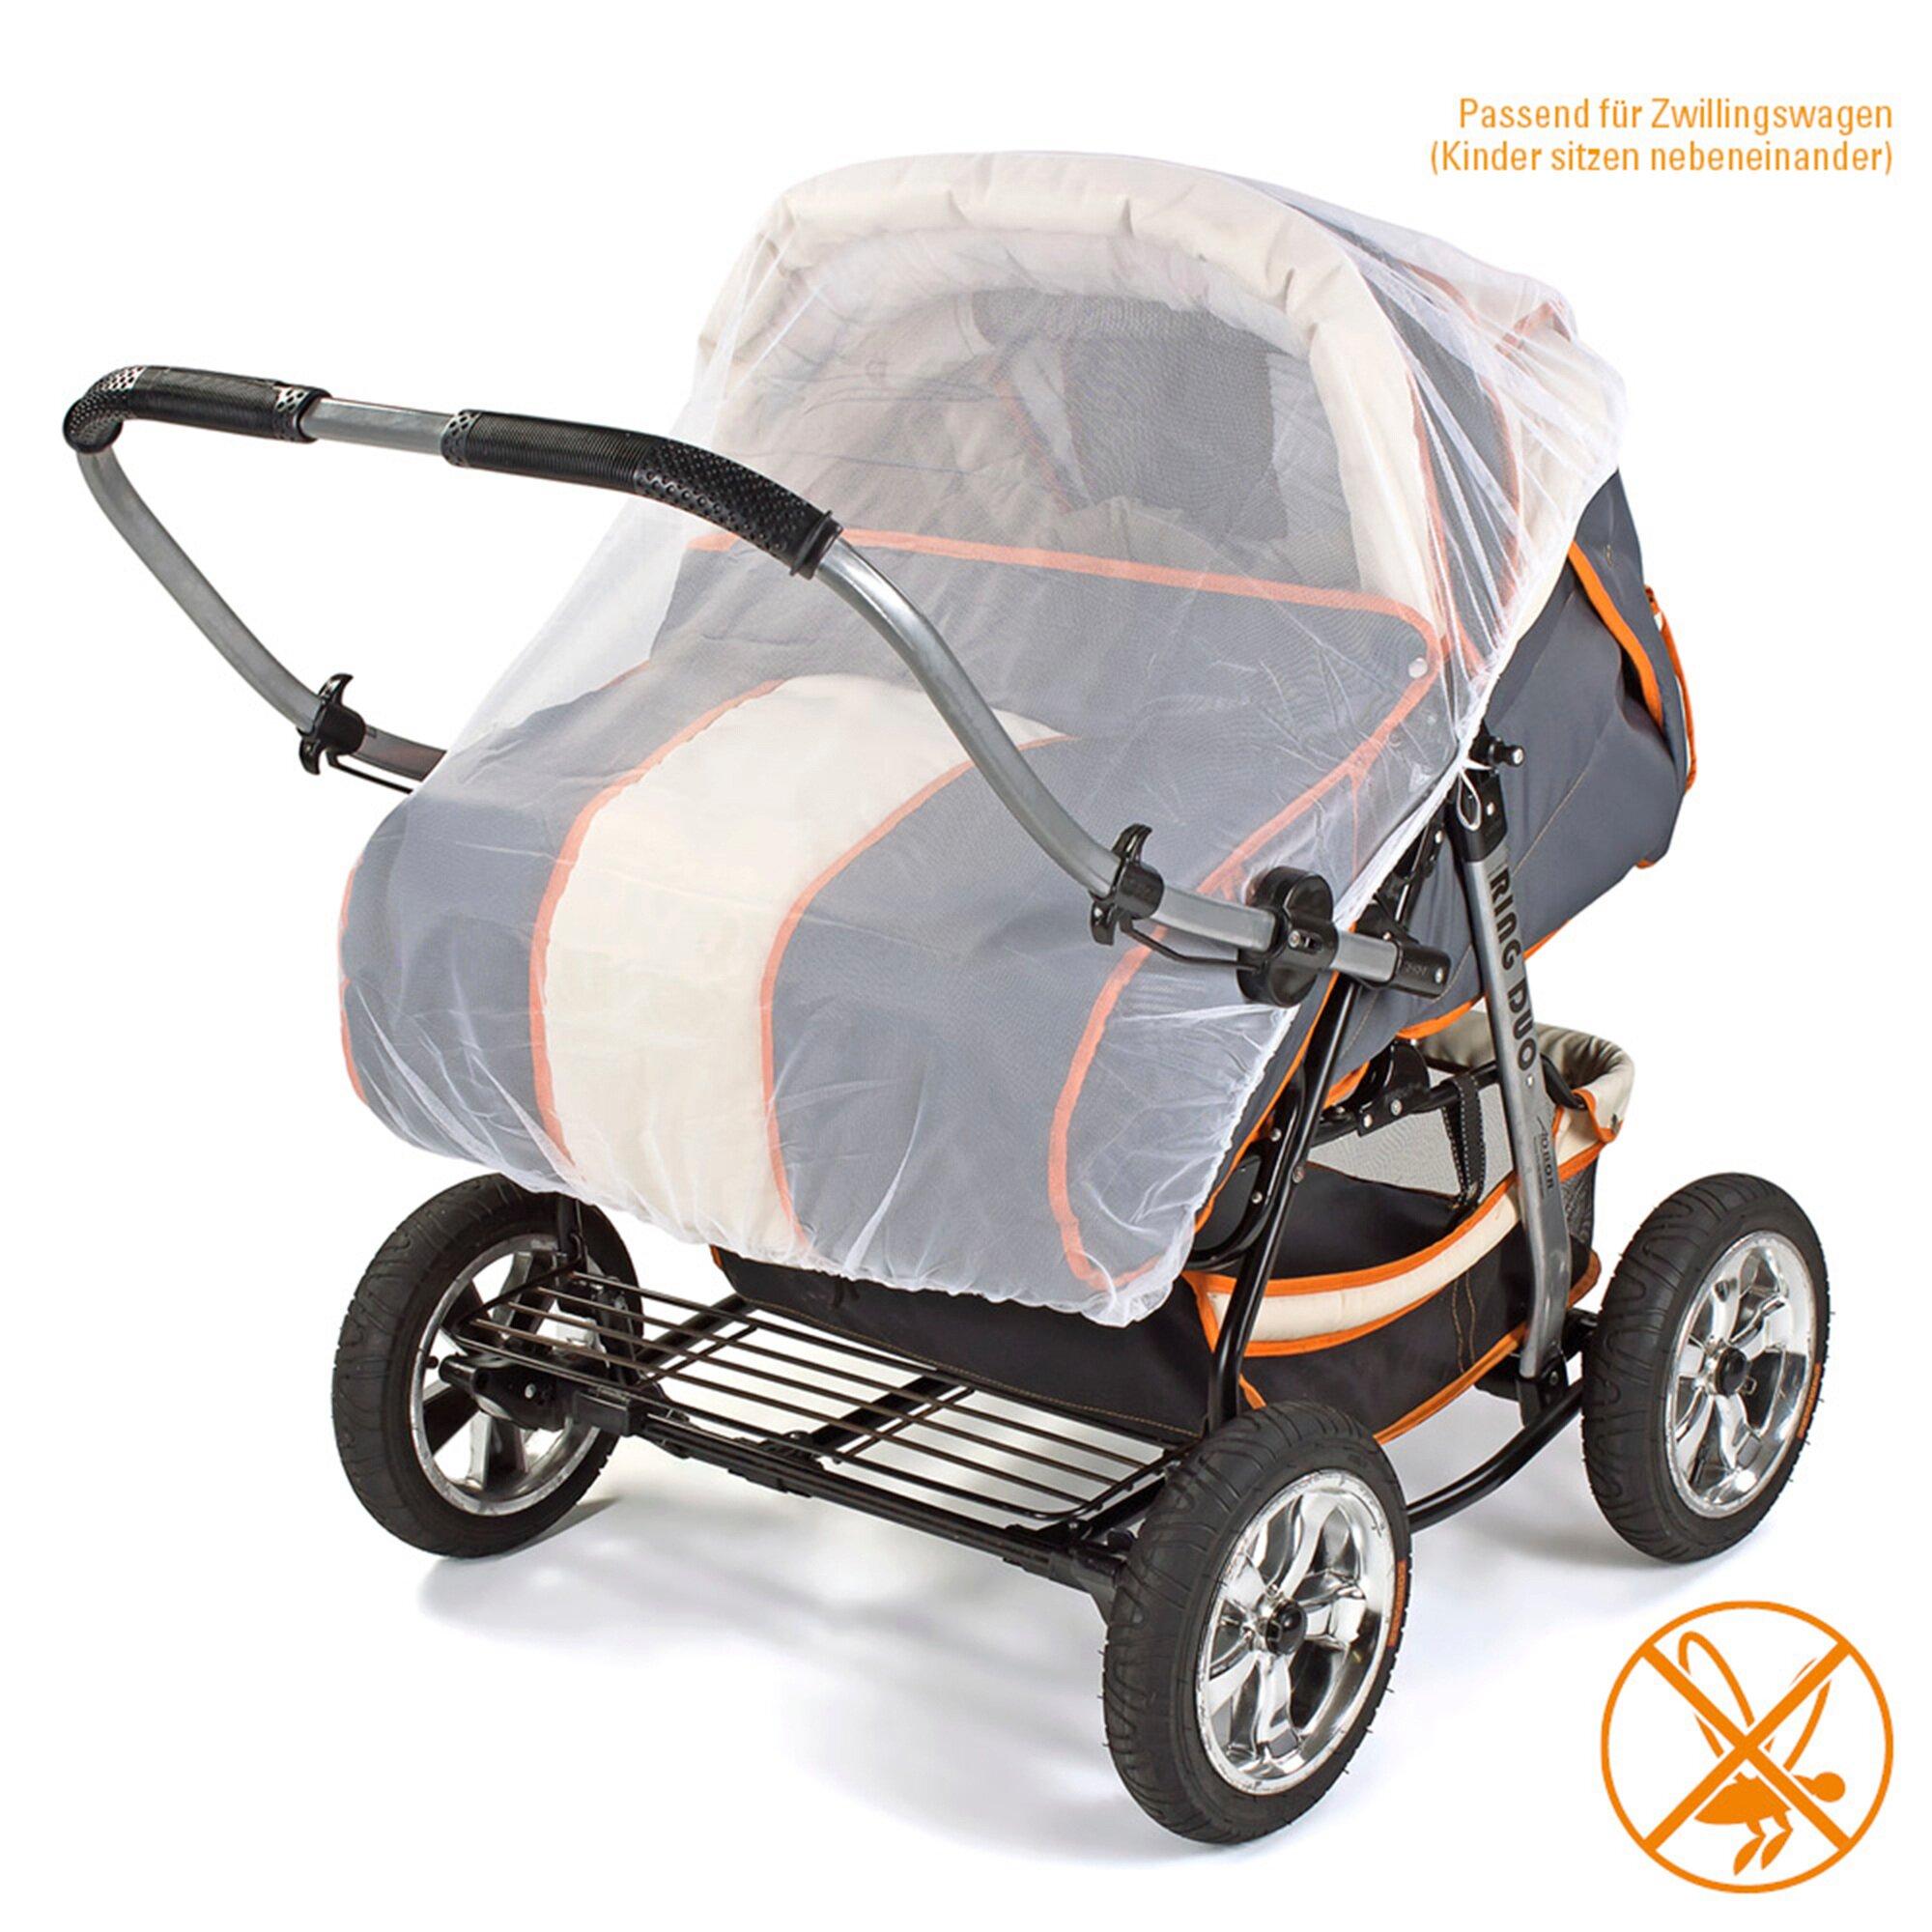 diago-insektenschutz-fur-kinderwagen-zwillingswagen-weiss